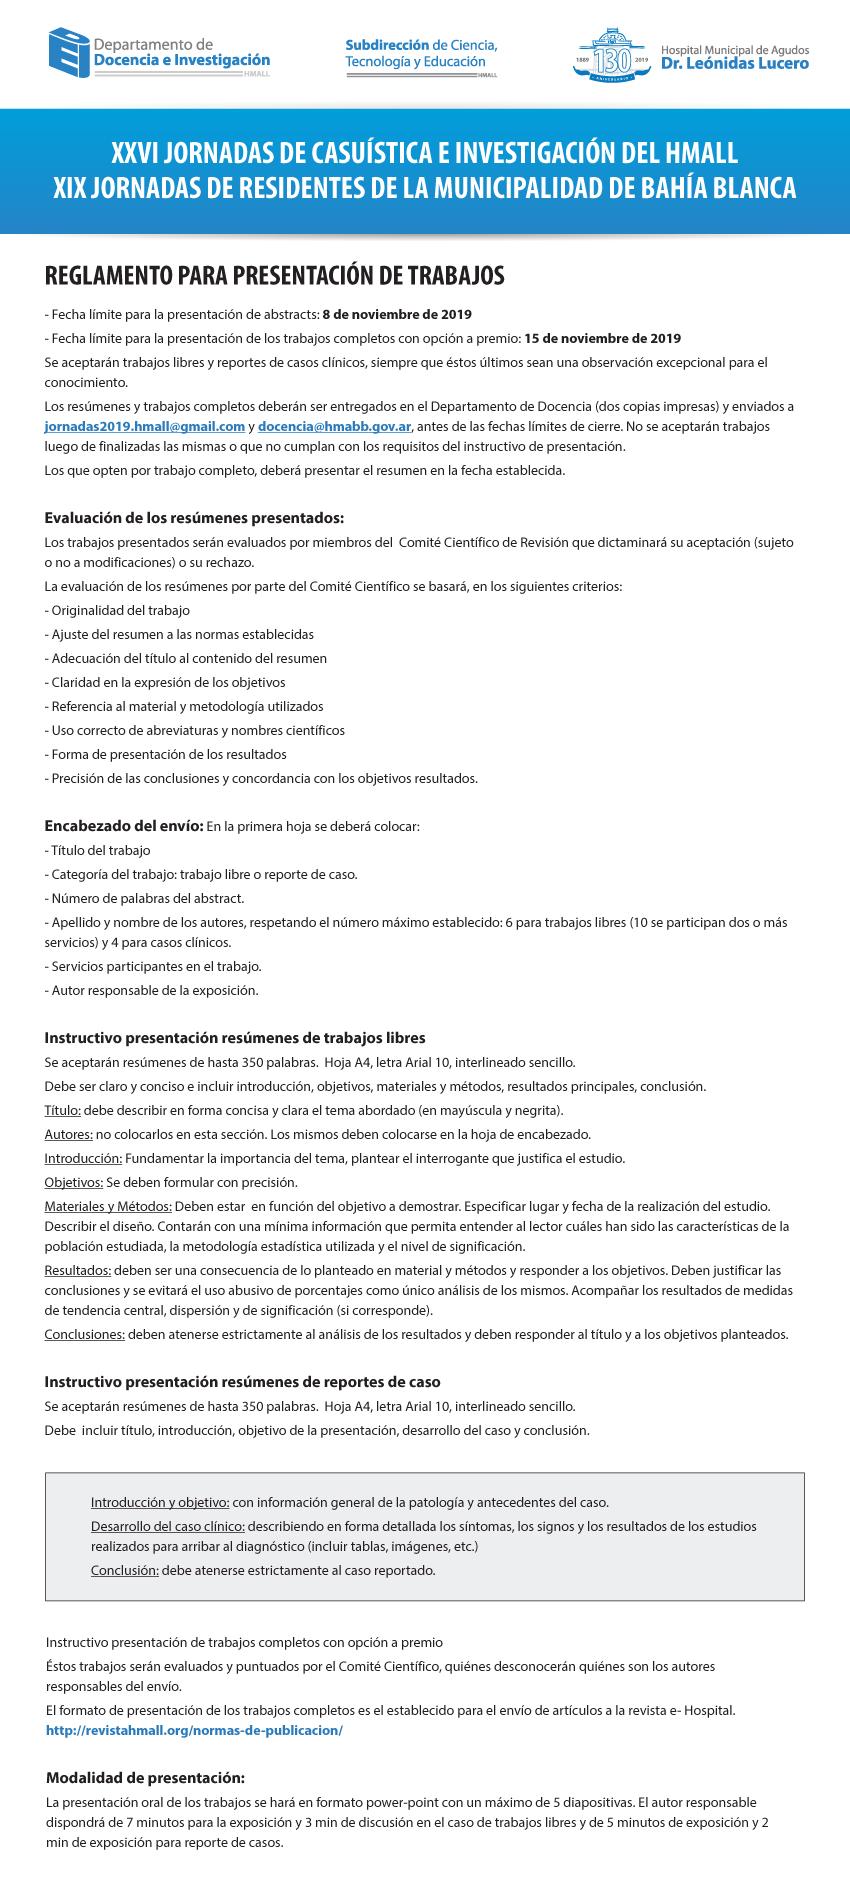 Adjunto Reglamento presentación de trabajos.jpg